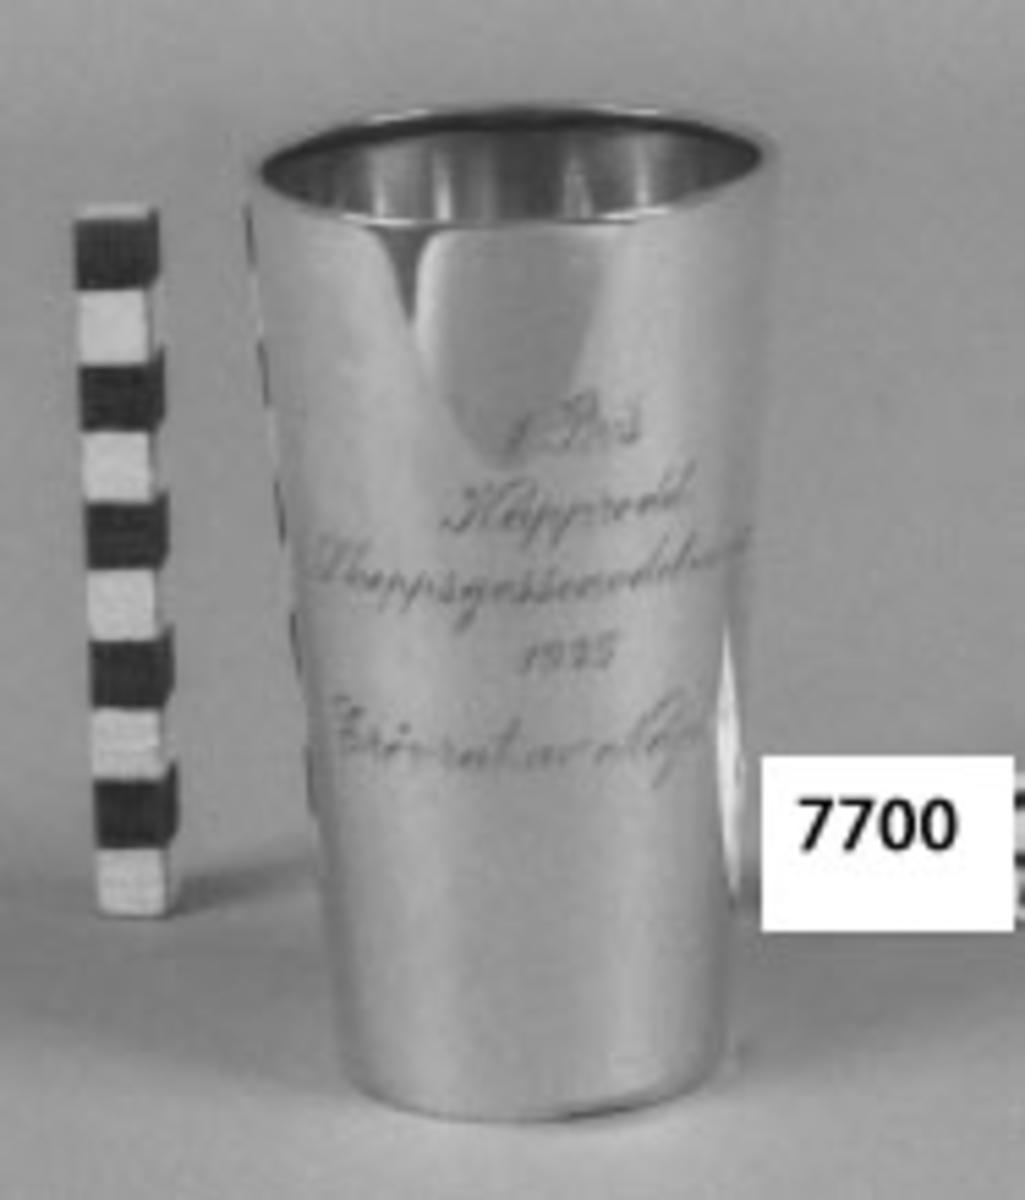 Bägare av silver. Utgör 1:a pris i kapprodd, erövrat av skeppsgossebriggen Najaden 1925. Inskription: 1 Pris Kapprodd Skeppsgosseavdelningen 1925 erövrat av Najaden.